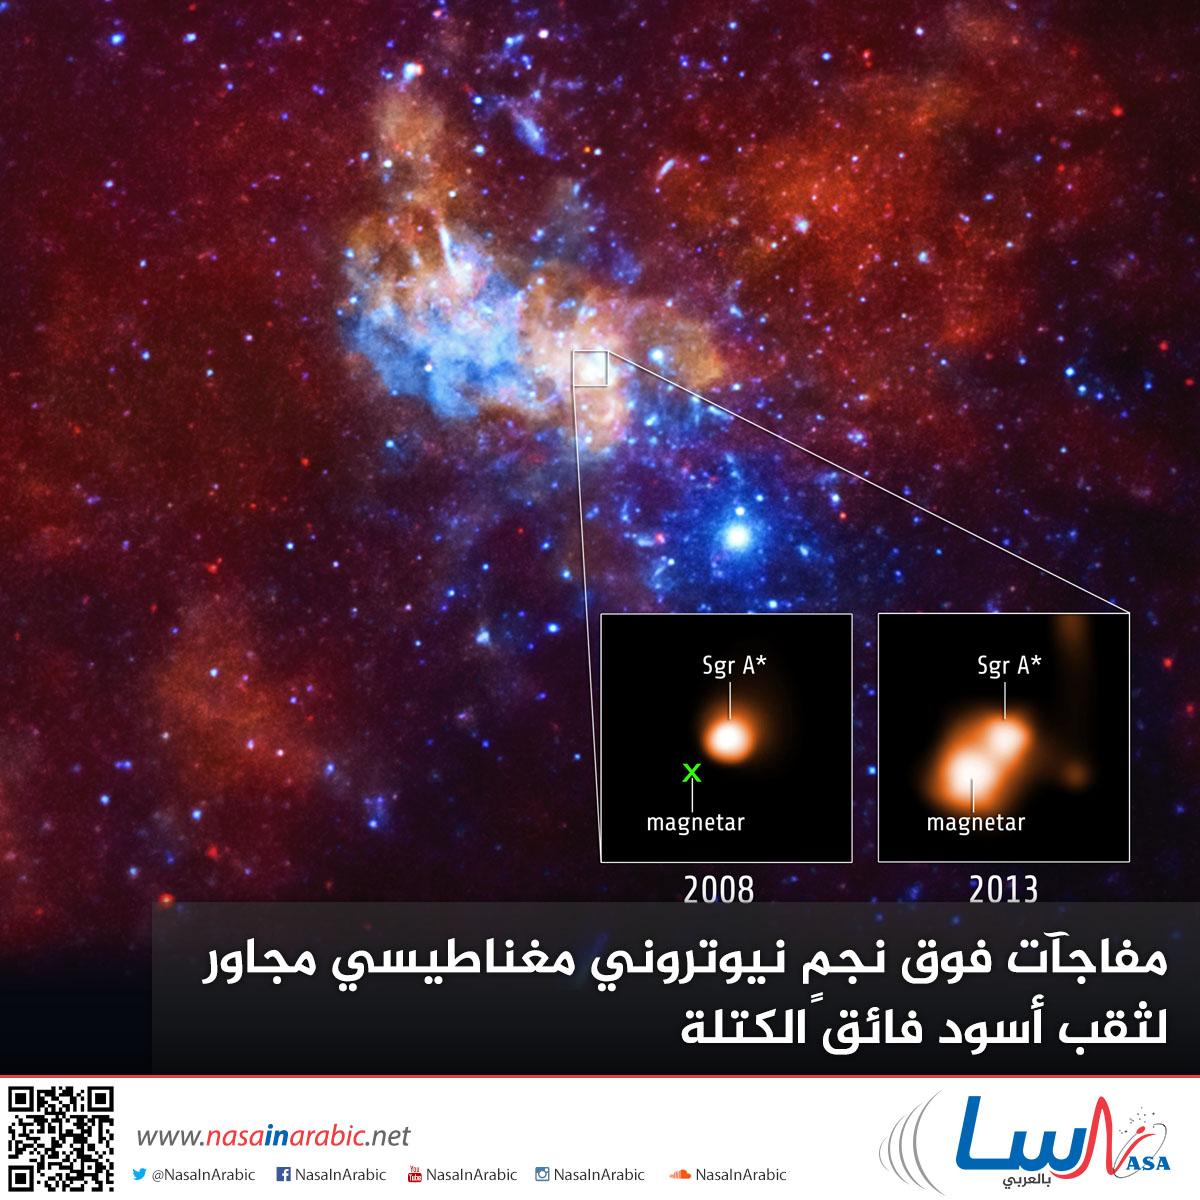 مفاجآت فوق نجمٍ نيوتروني مغناطيسي مجاور لثقب أسود فائق الكتلة